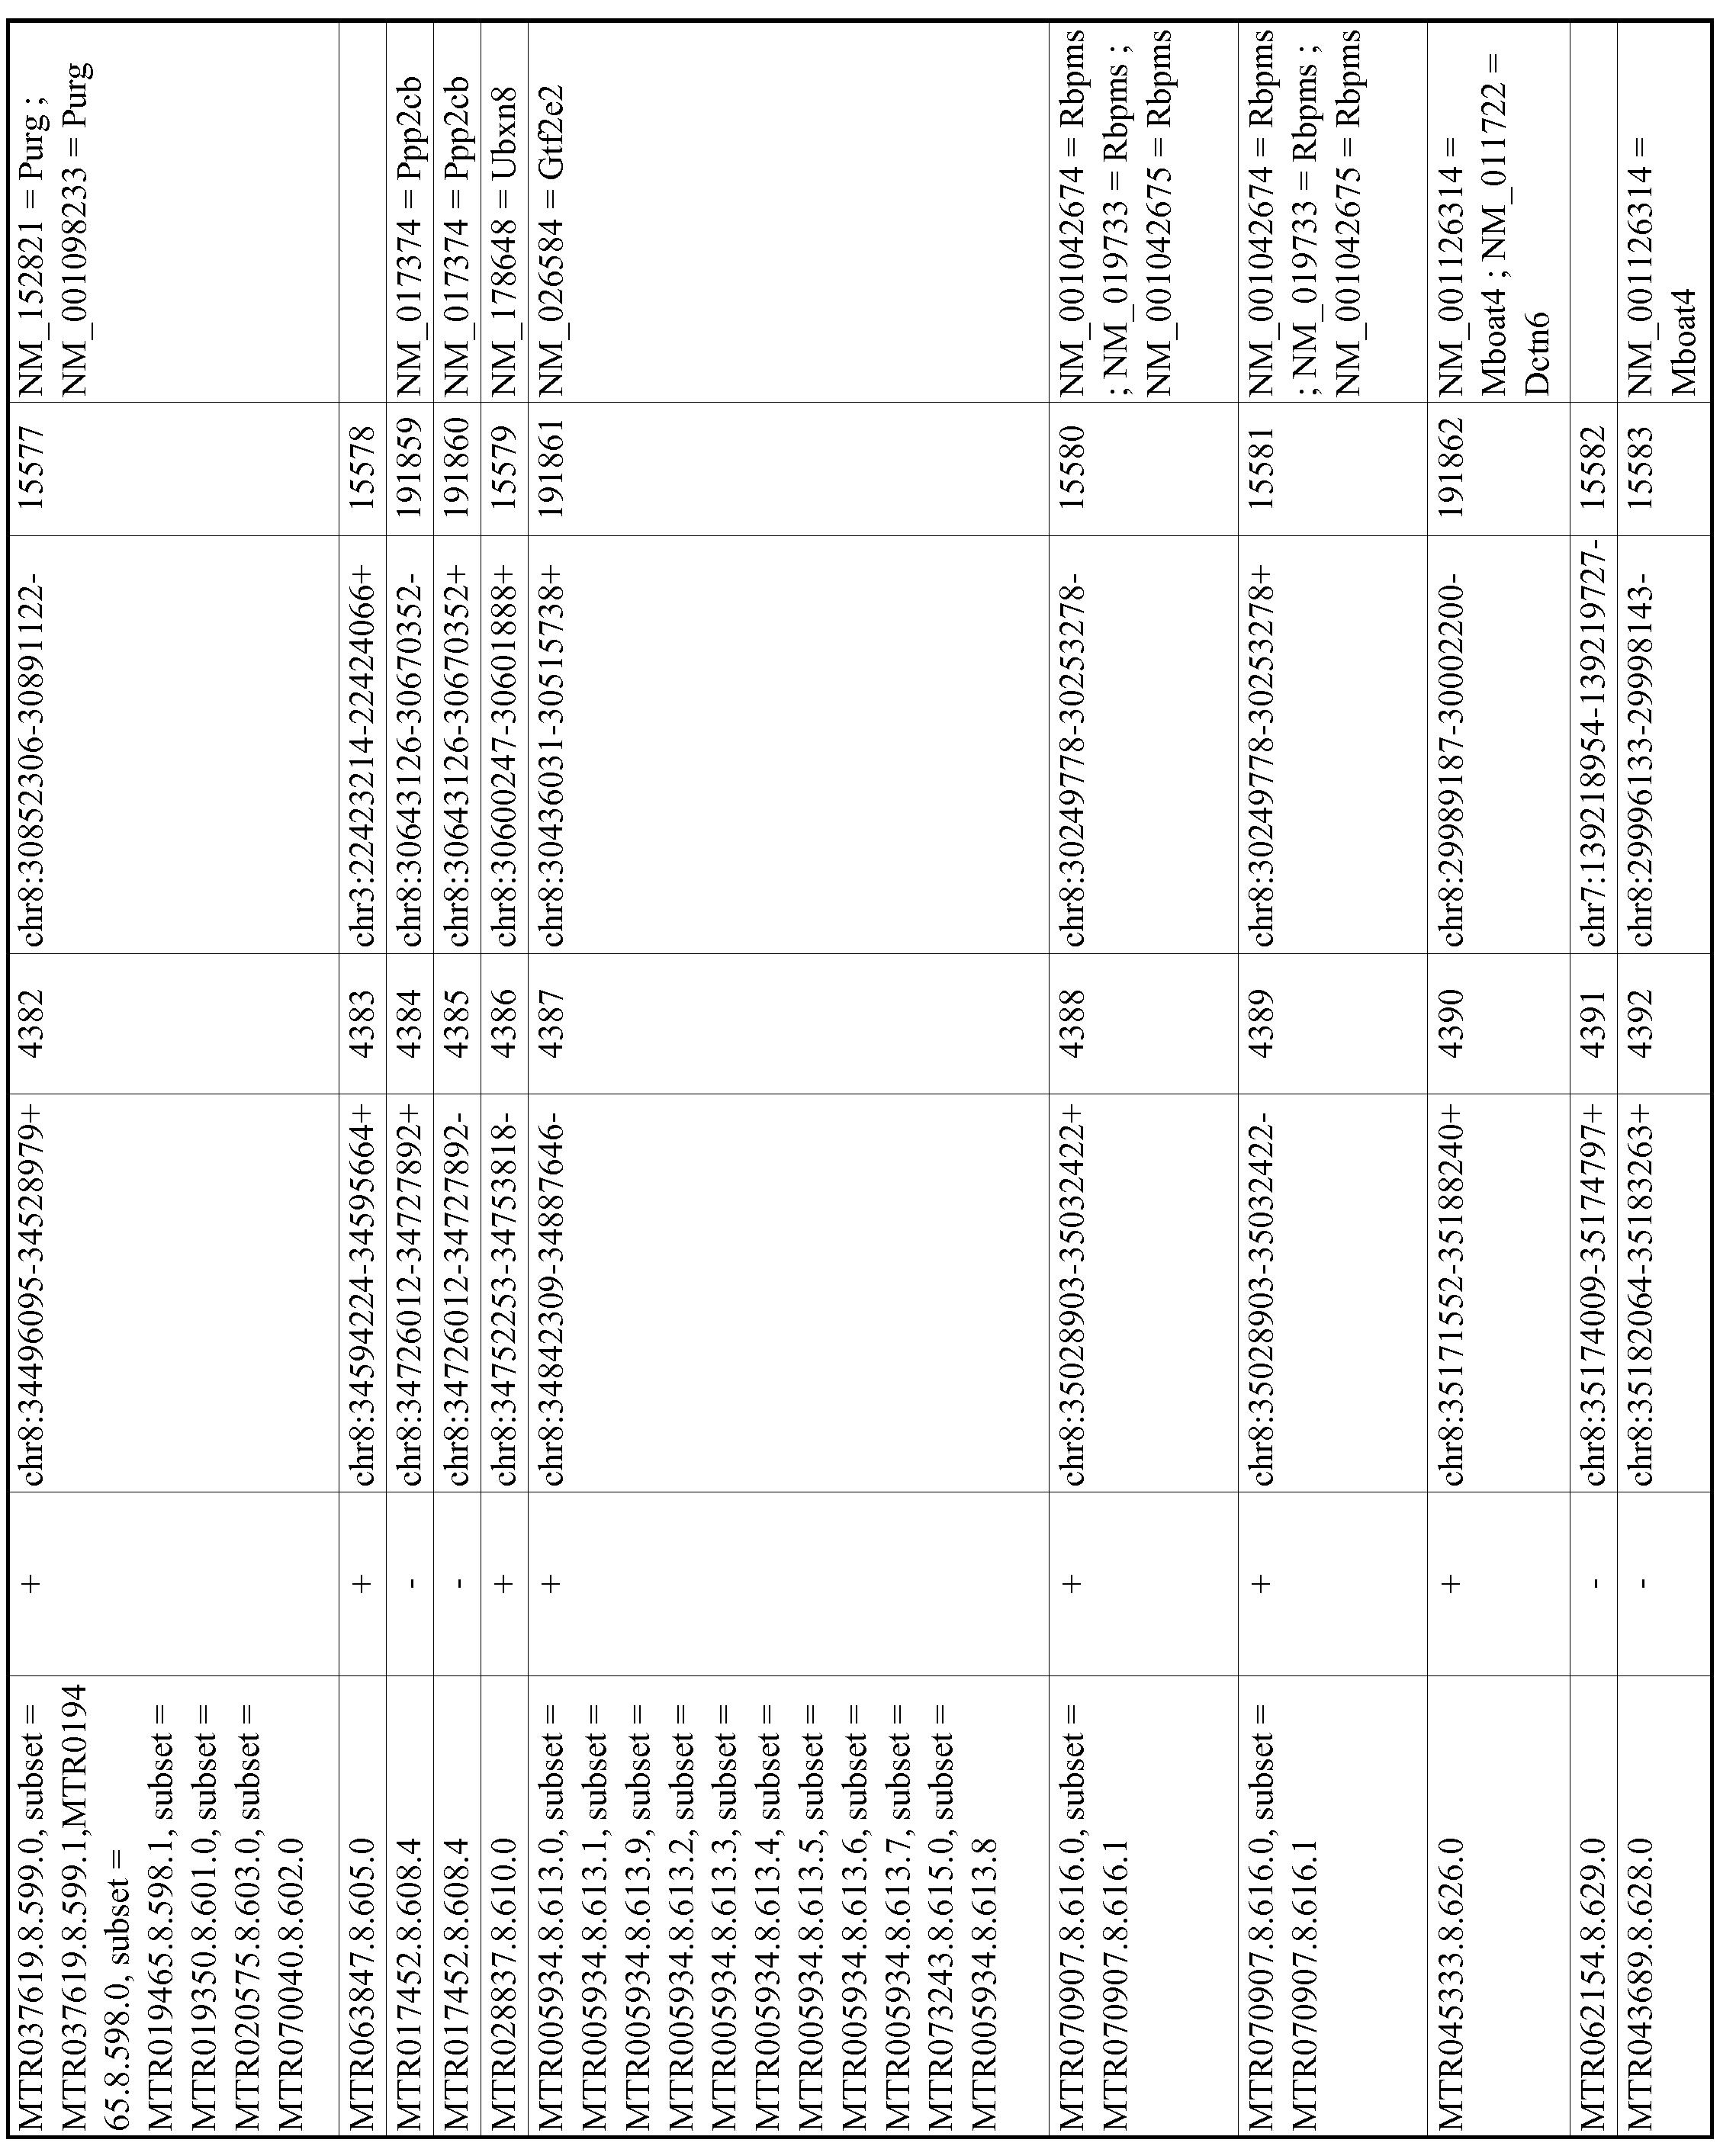 Figure imgf000820_0001